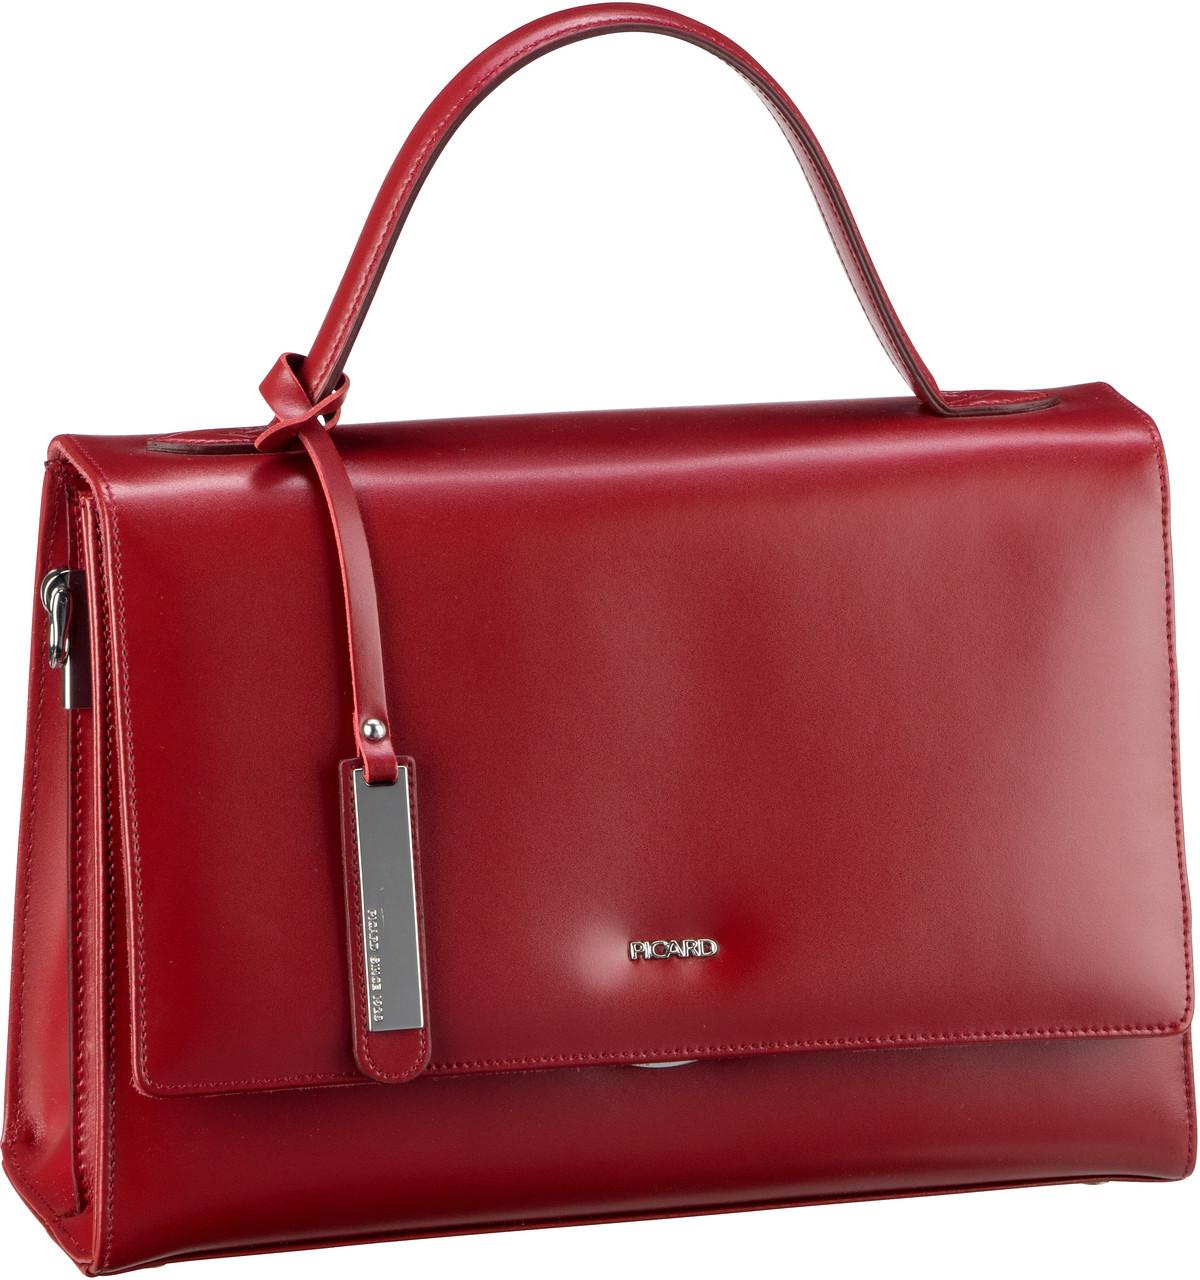 Handtasche Berlin 4870 Rot